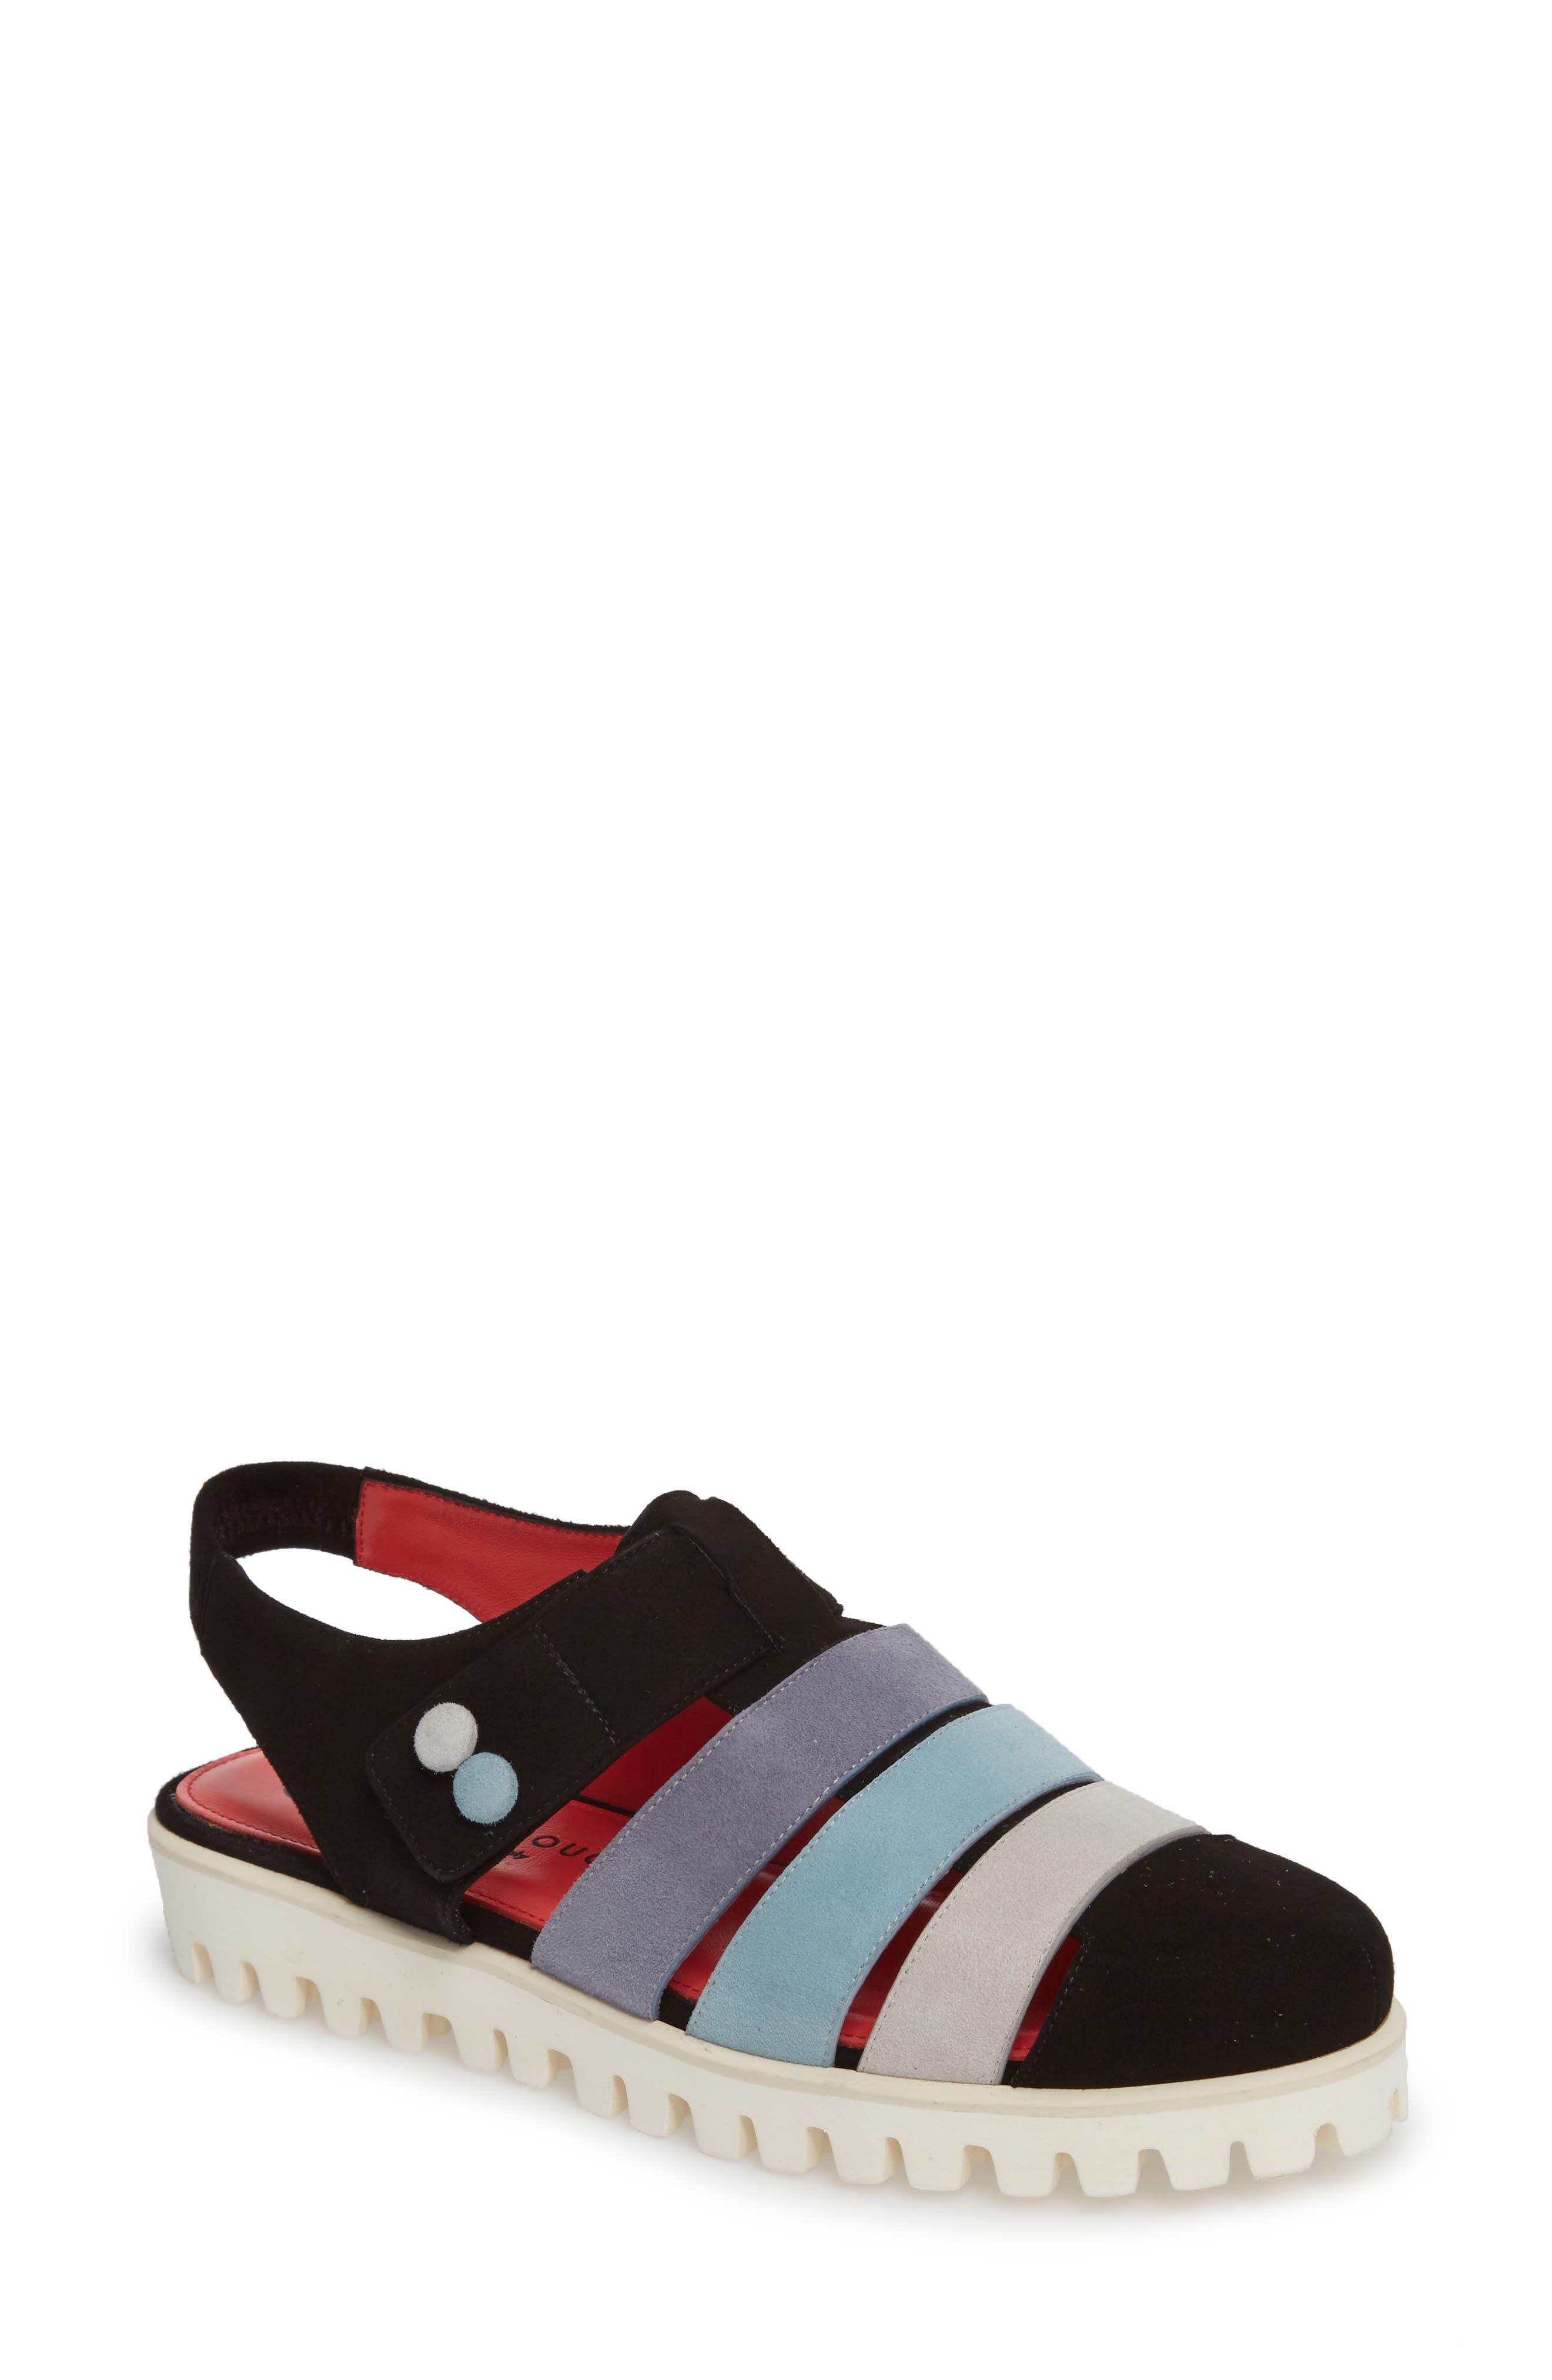 Marta Slingback Sandal,                         Main,                         color, Black Suede